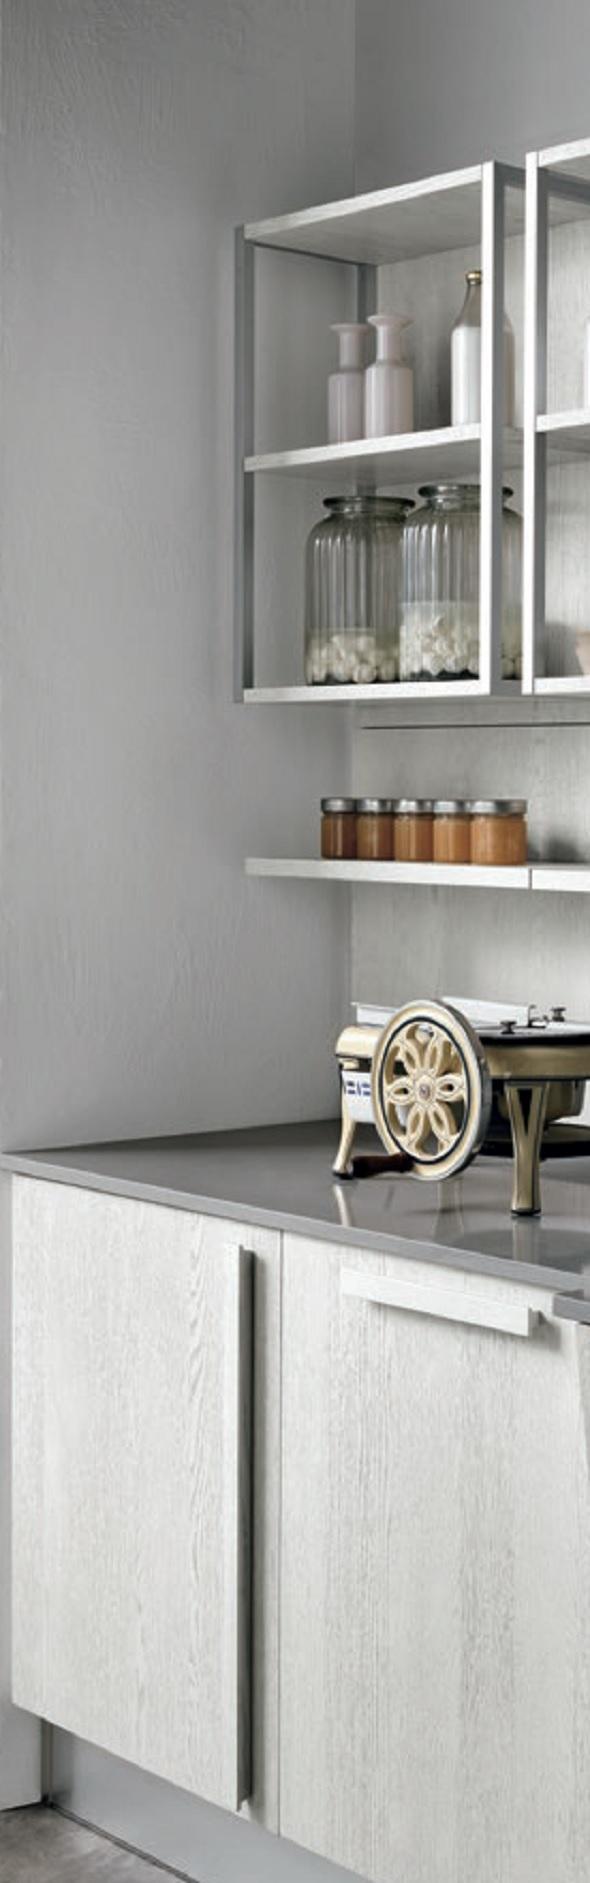 cucina come foto in offerta con isola outlet nuovimondi arredamento.it - Cucine a prezzi scontati